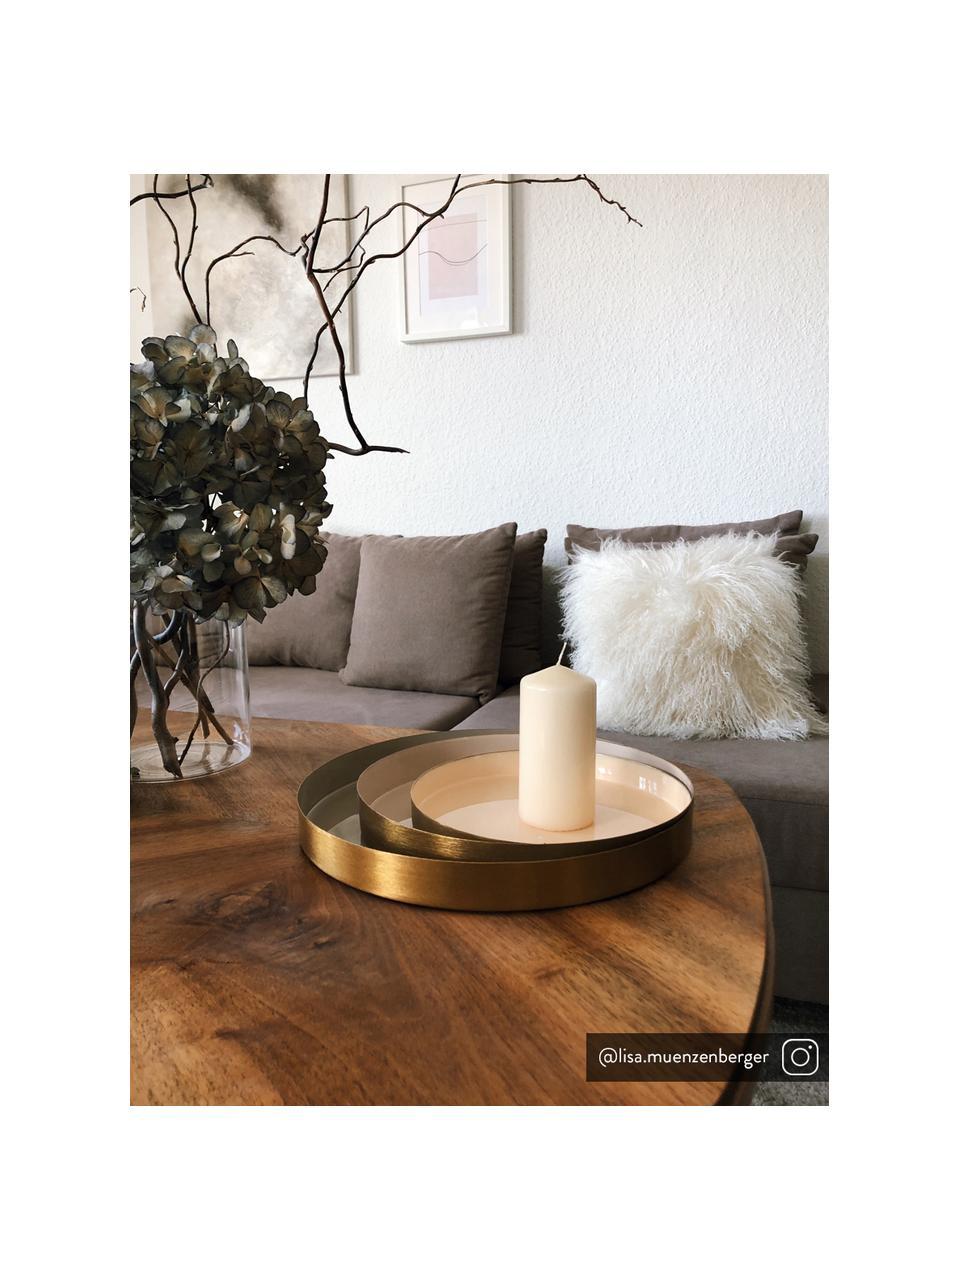 Sada dekorativních táců Ayra, 3díly, Šedá, béžová, bílá Vnější okraj: zlatá